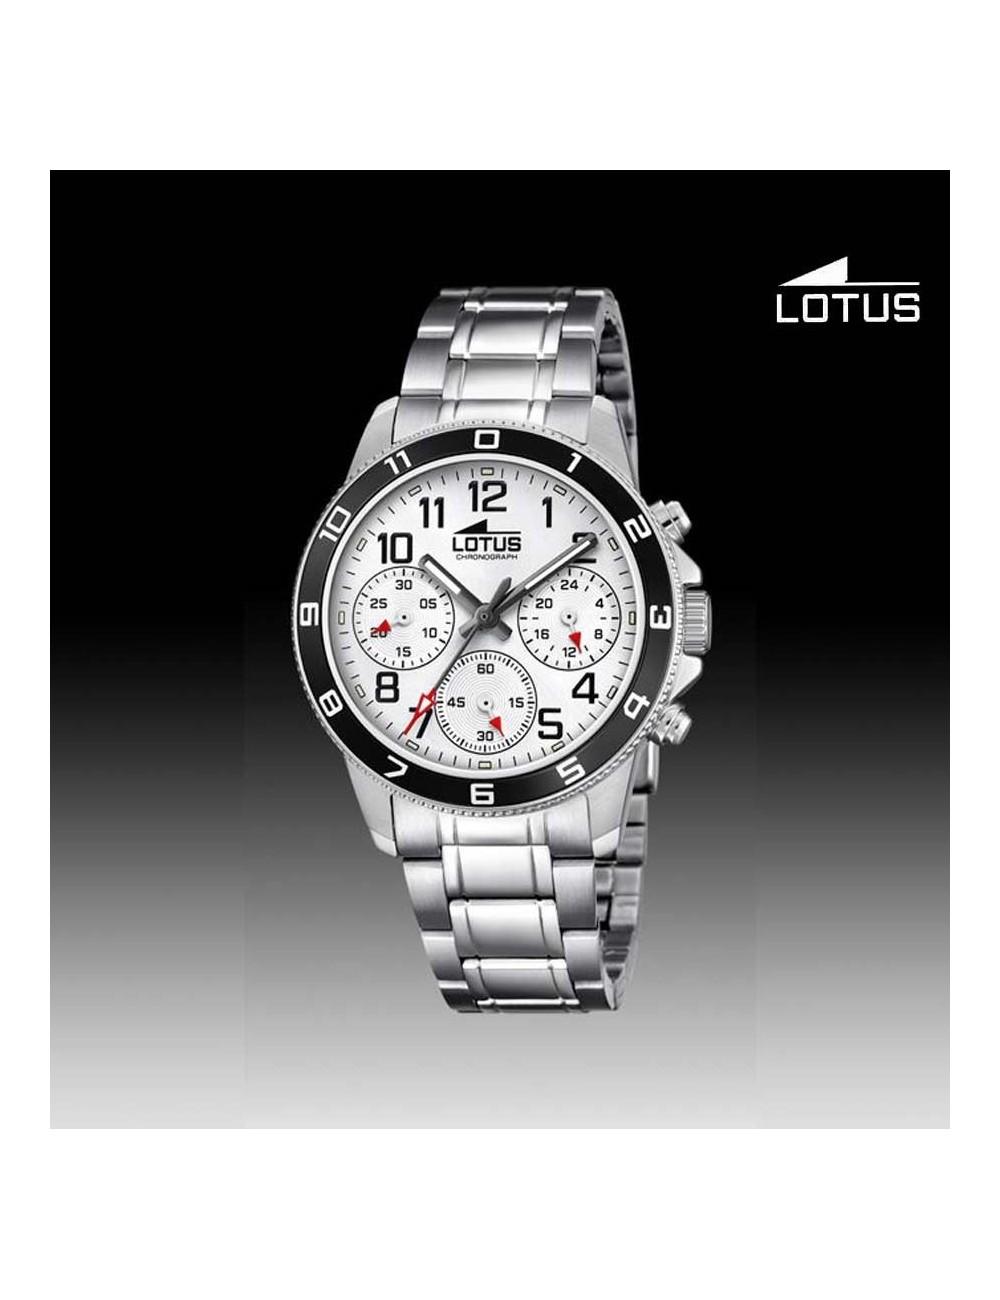 84c6df0b5856 Reloj niño Lotus crono cadena esfera blanca 18580-1 redondo ...